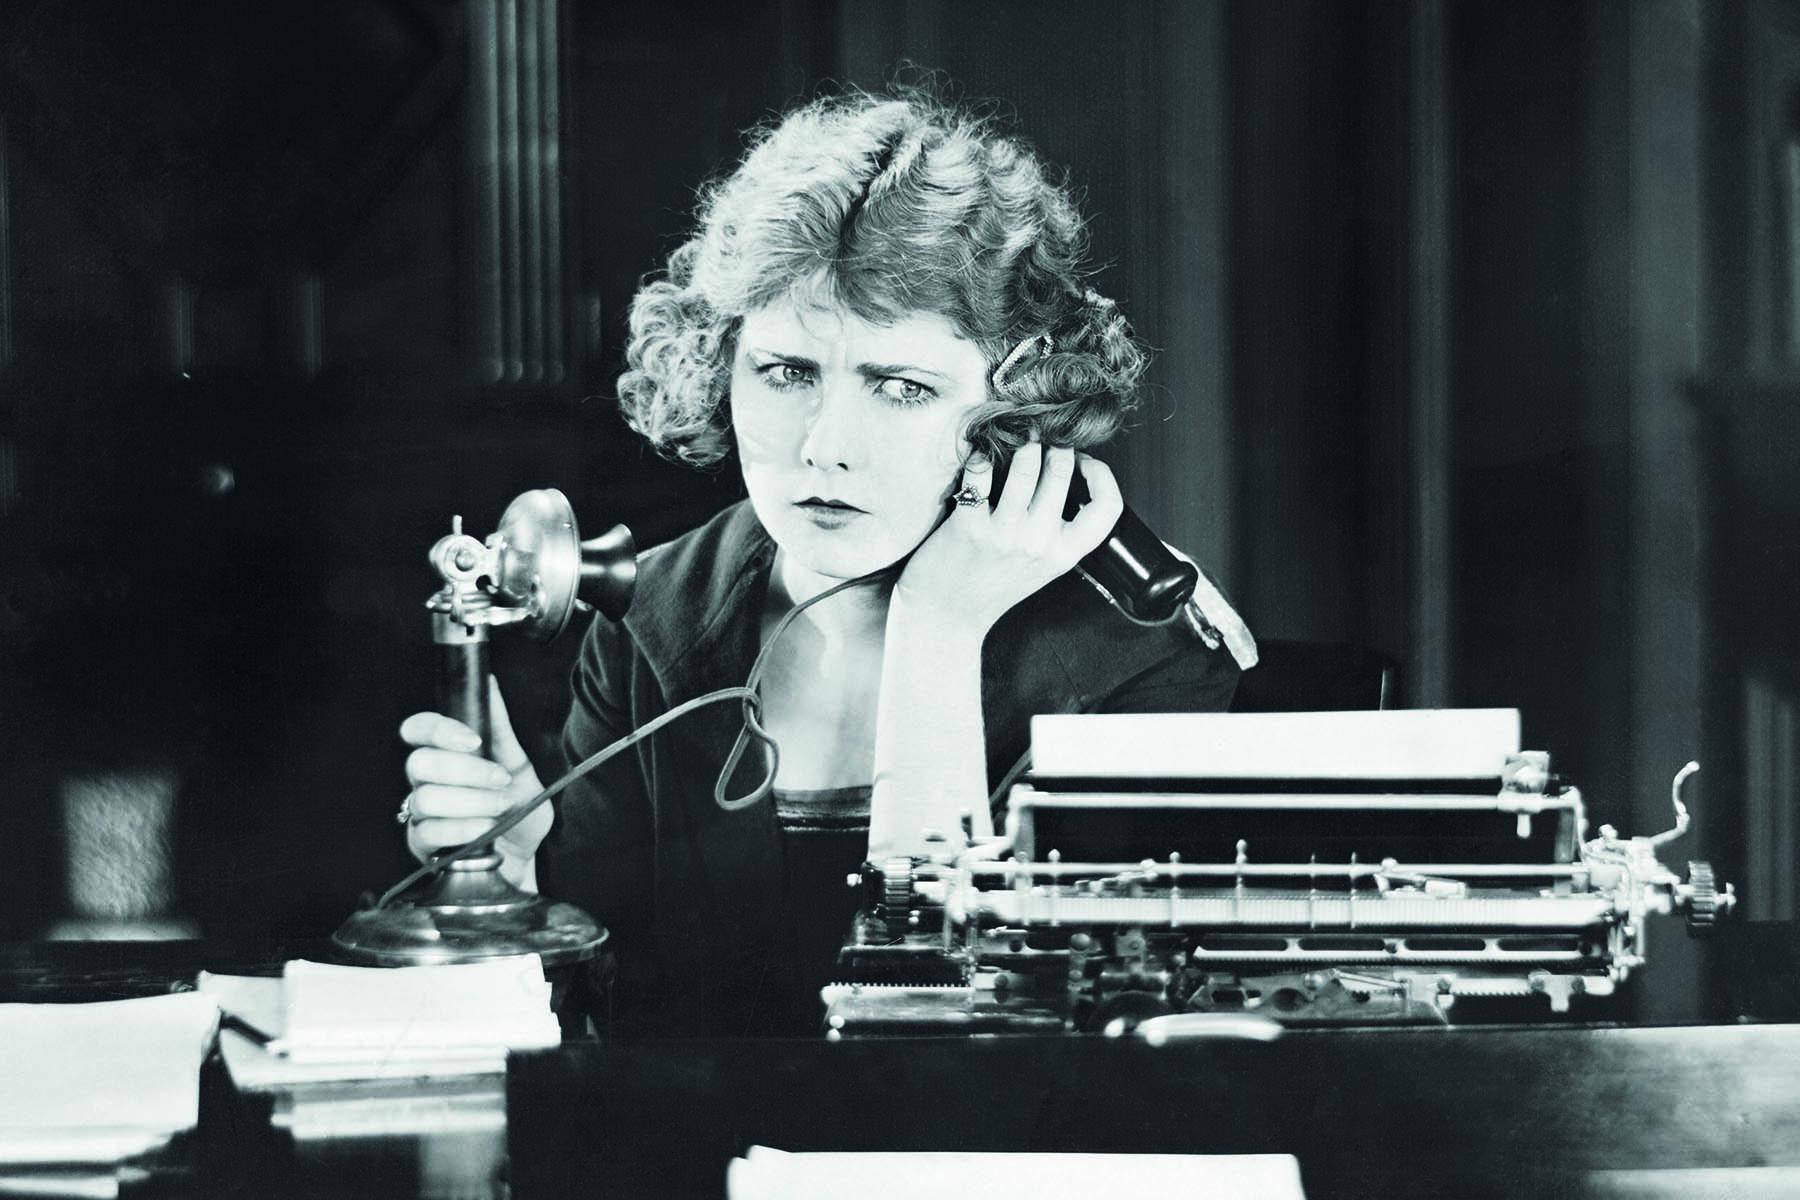 Retrofoto på en kvinna talande i telefon